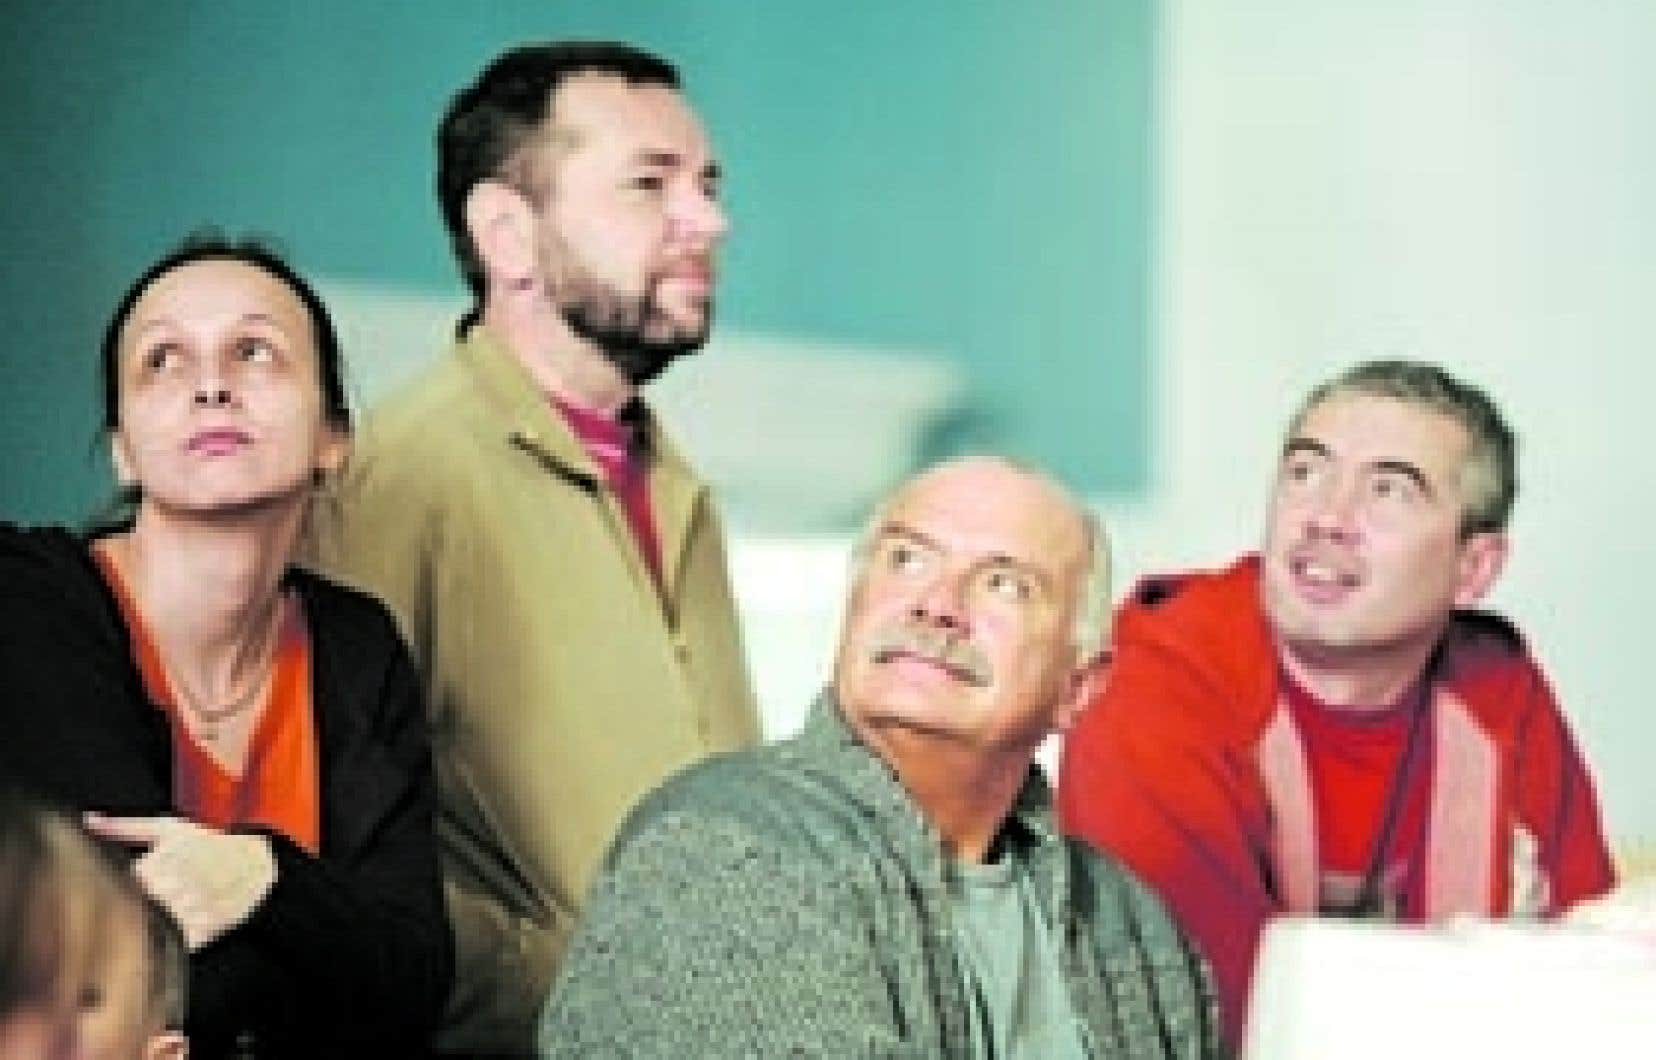 Dans 12, Mikhalkov dresse un constat accablant de la situation sociale et politique de son pays.